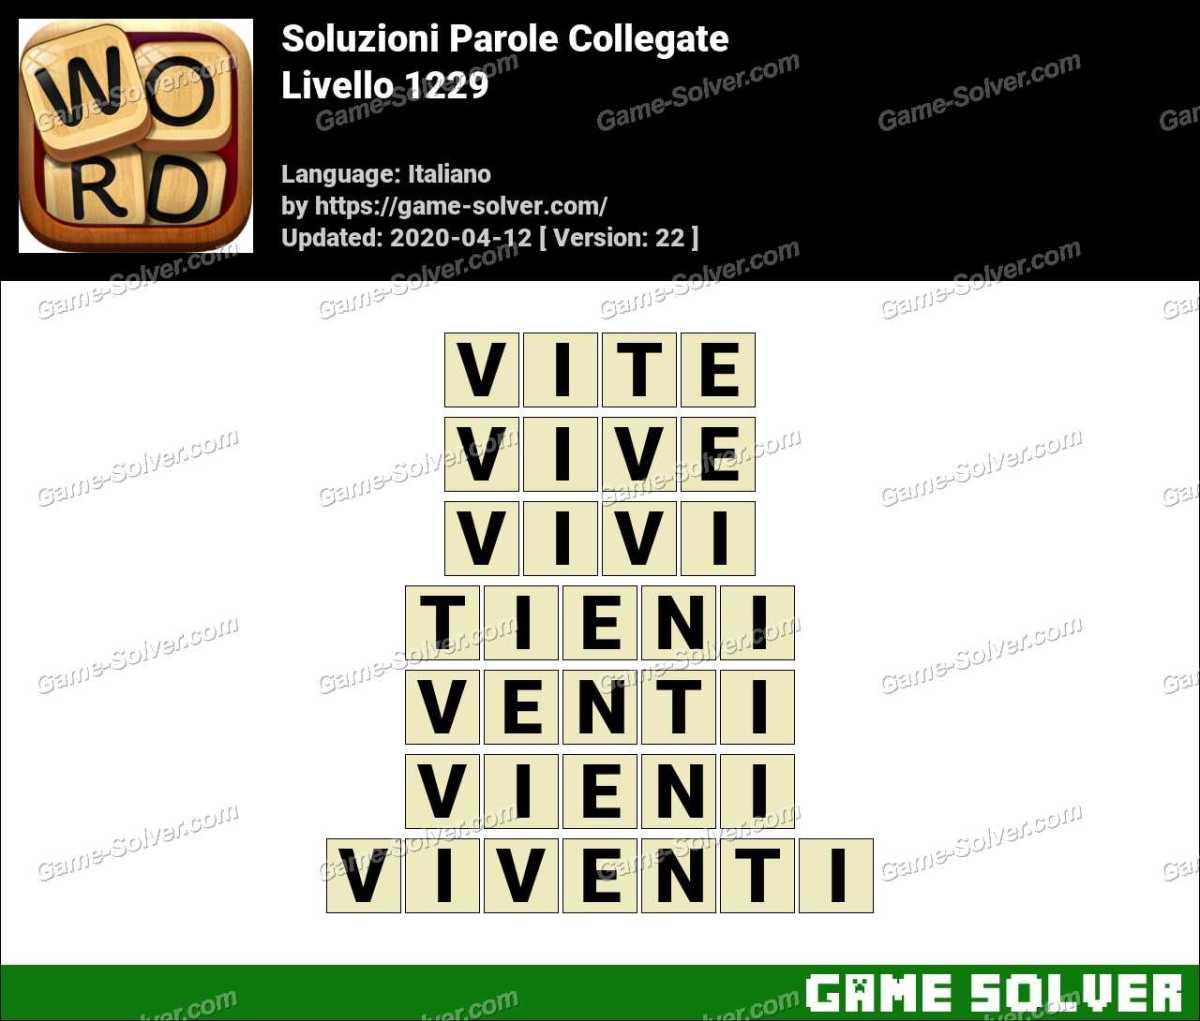 Soluzioni Parole Collegate Livello 1229